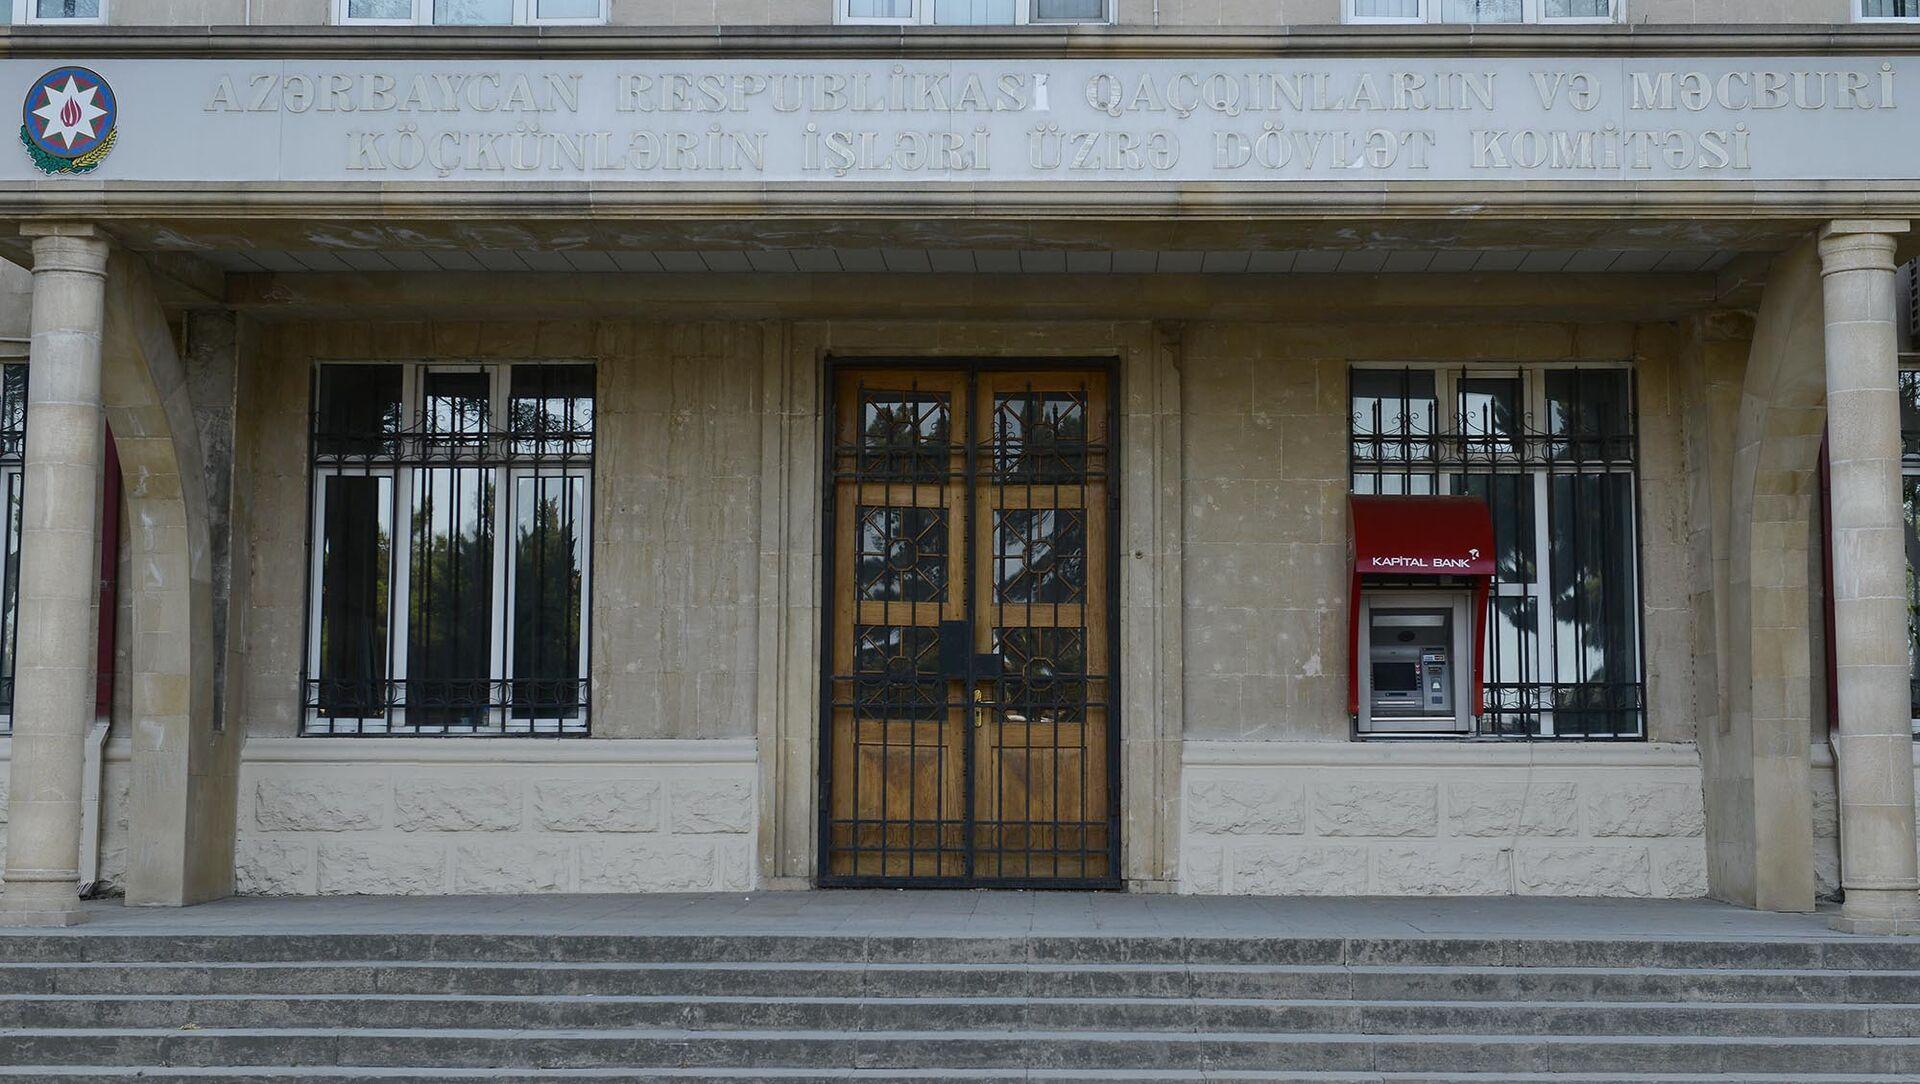 Здание Государственного комитета по работе с беженцами и вынужденными переселенцами в Баку. Архивное фото - Sputnik Азербайджан, 1920, 11.08.2021